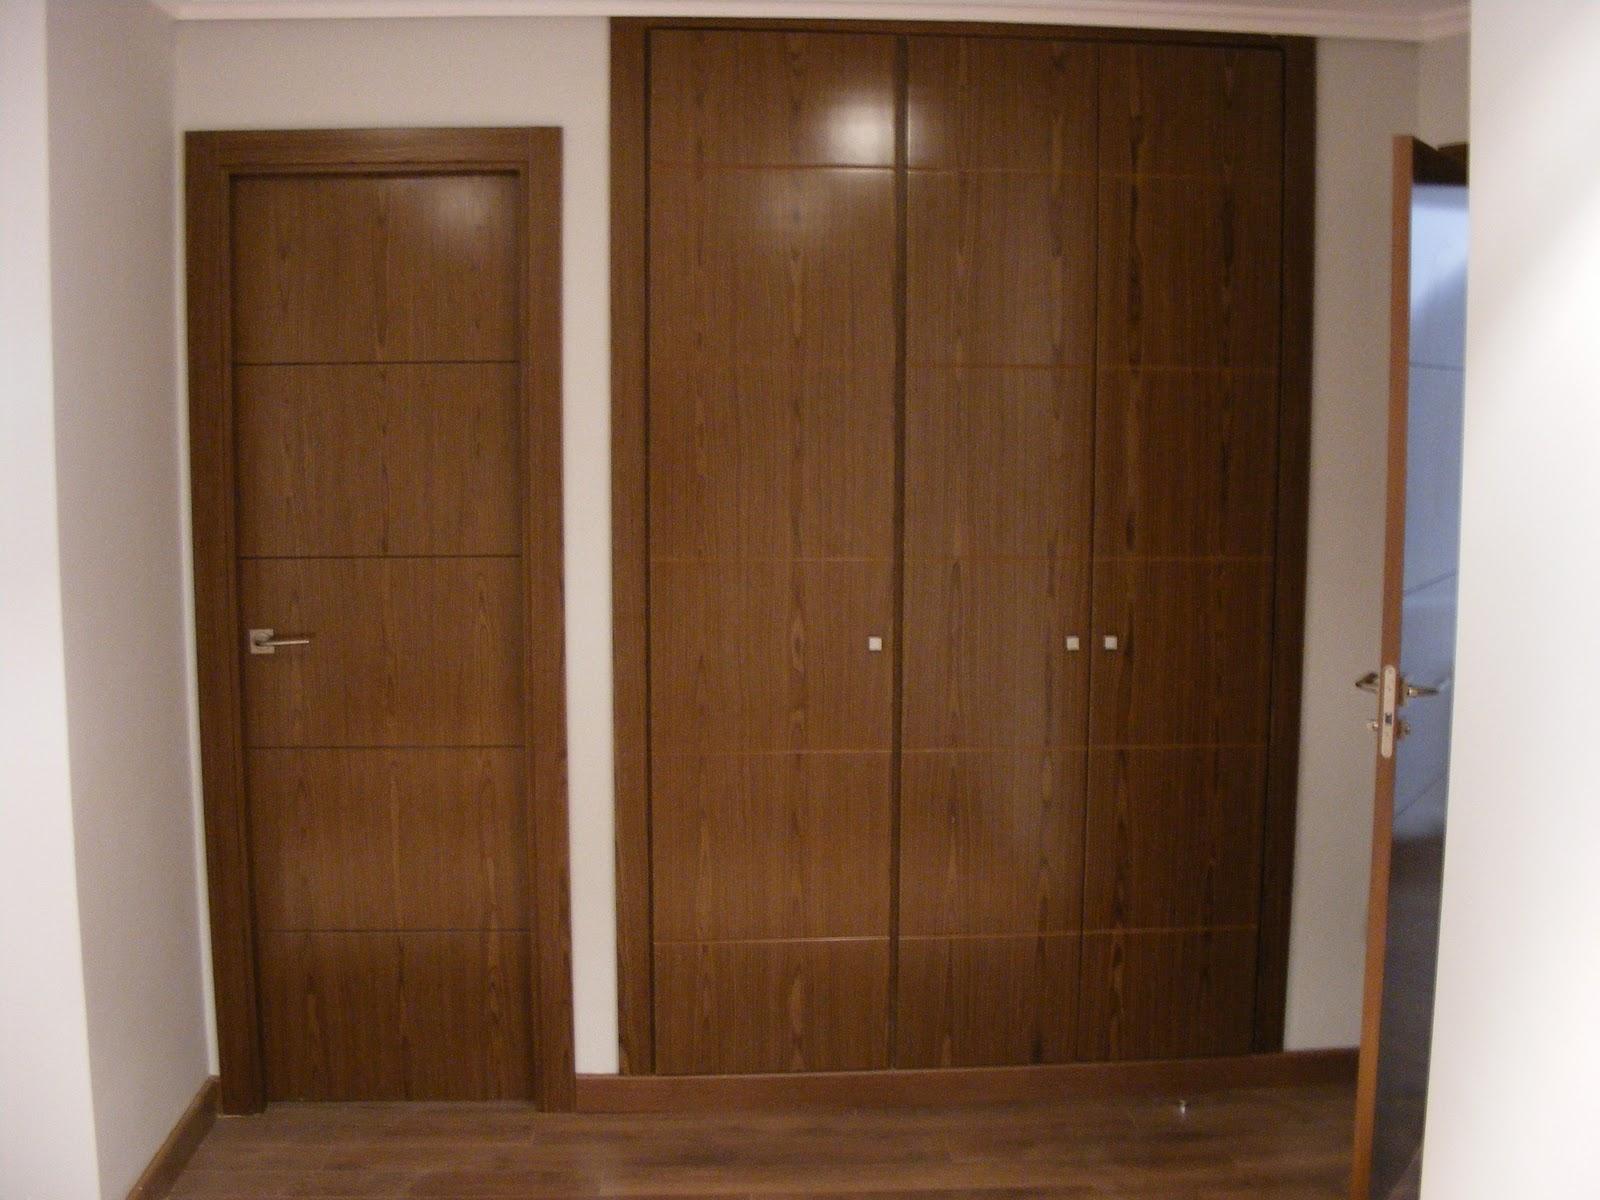 Armarios vestidores puertas y tarimas detalles - Tarimas y puertas ...